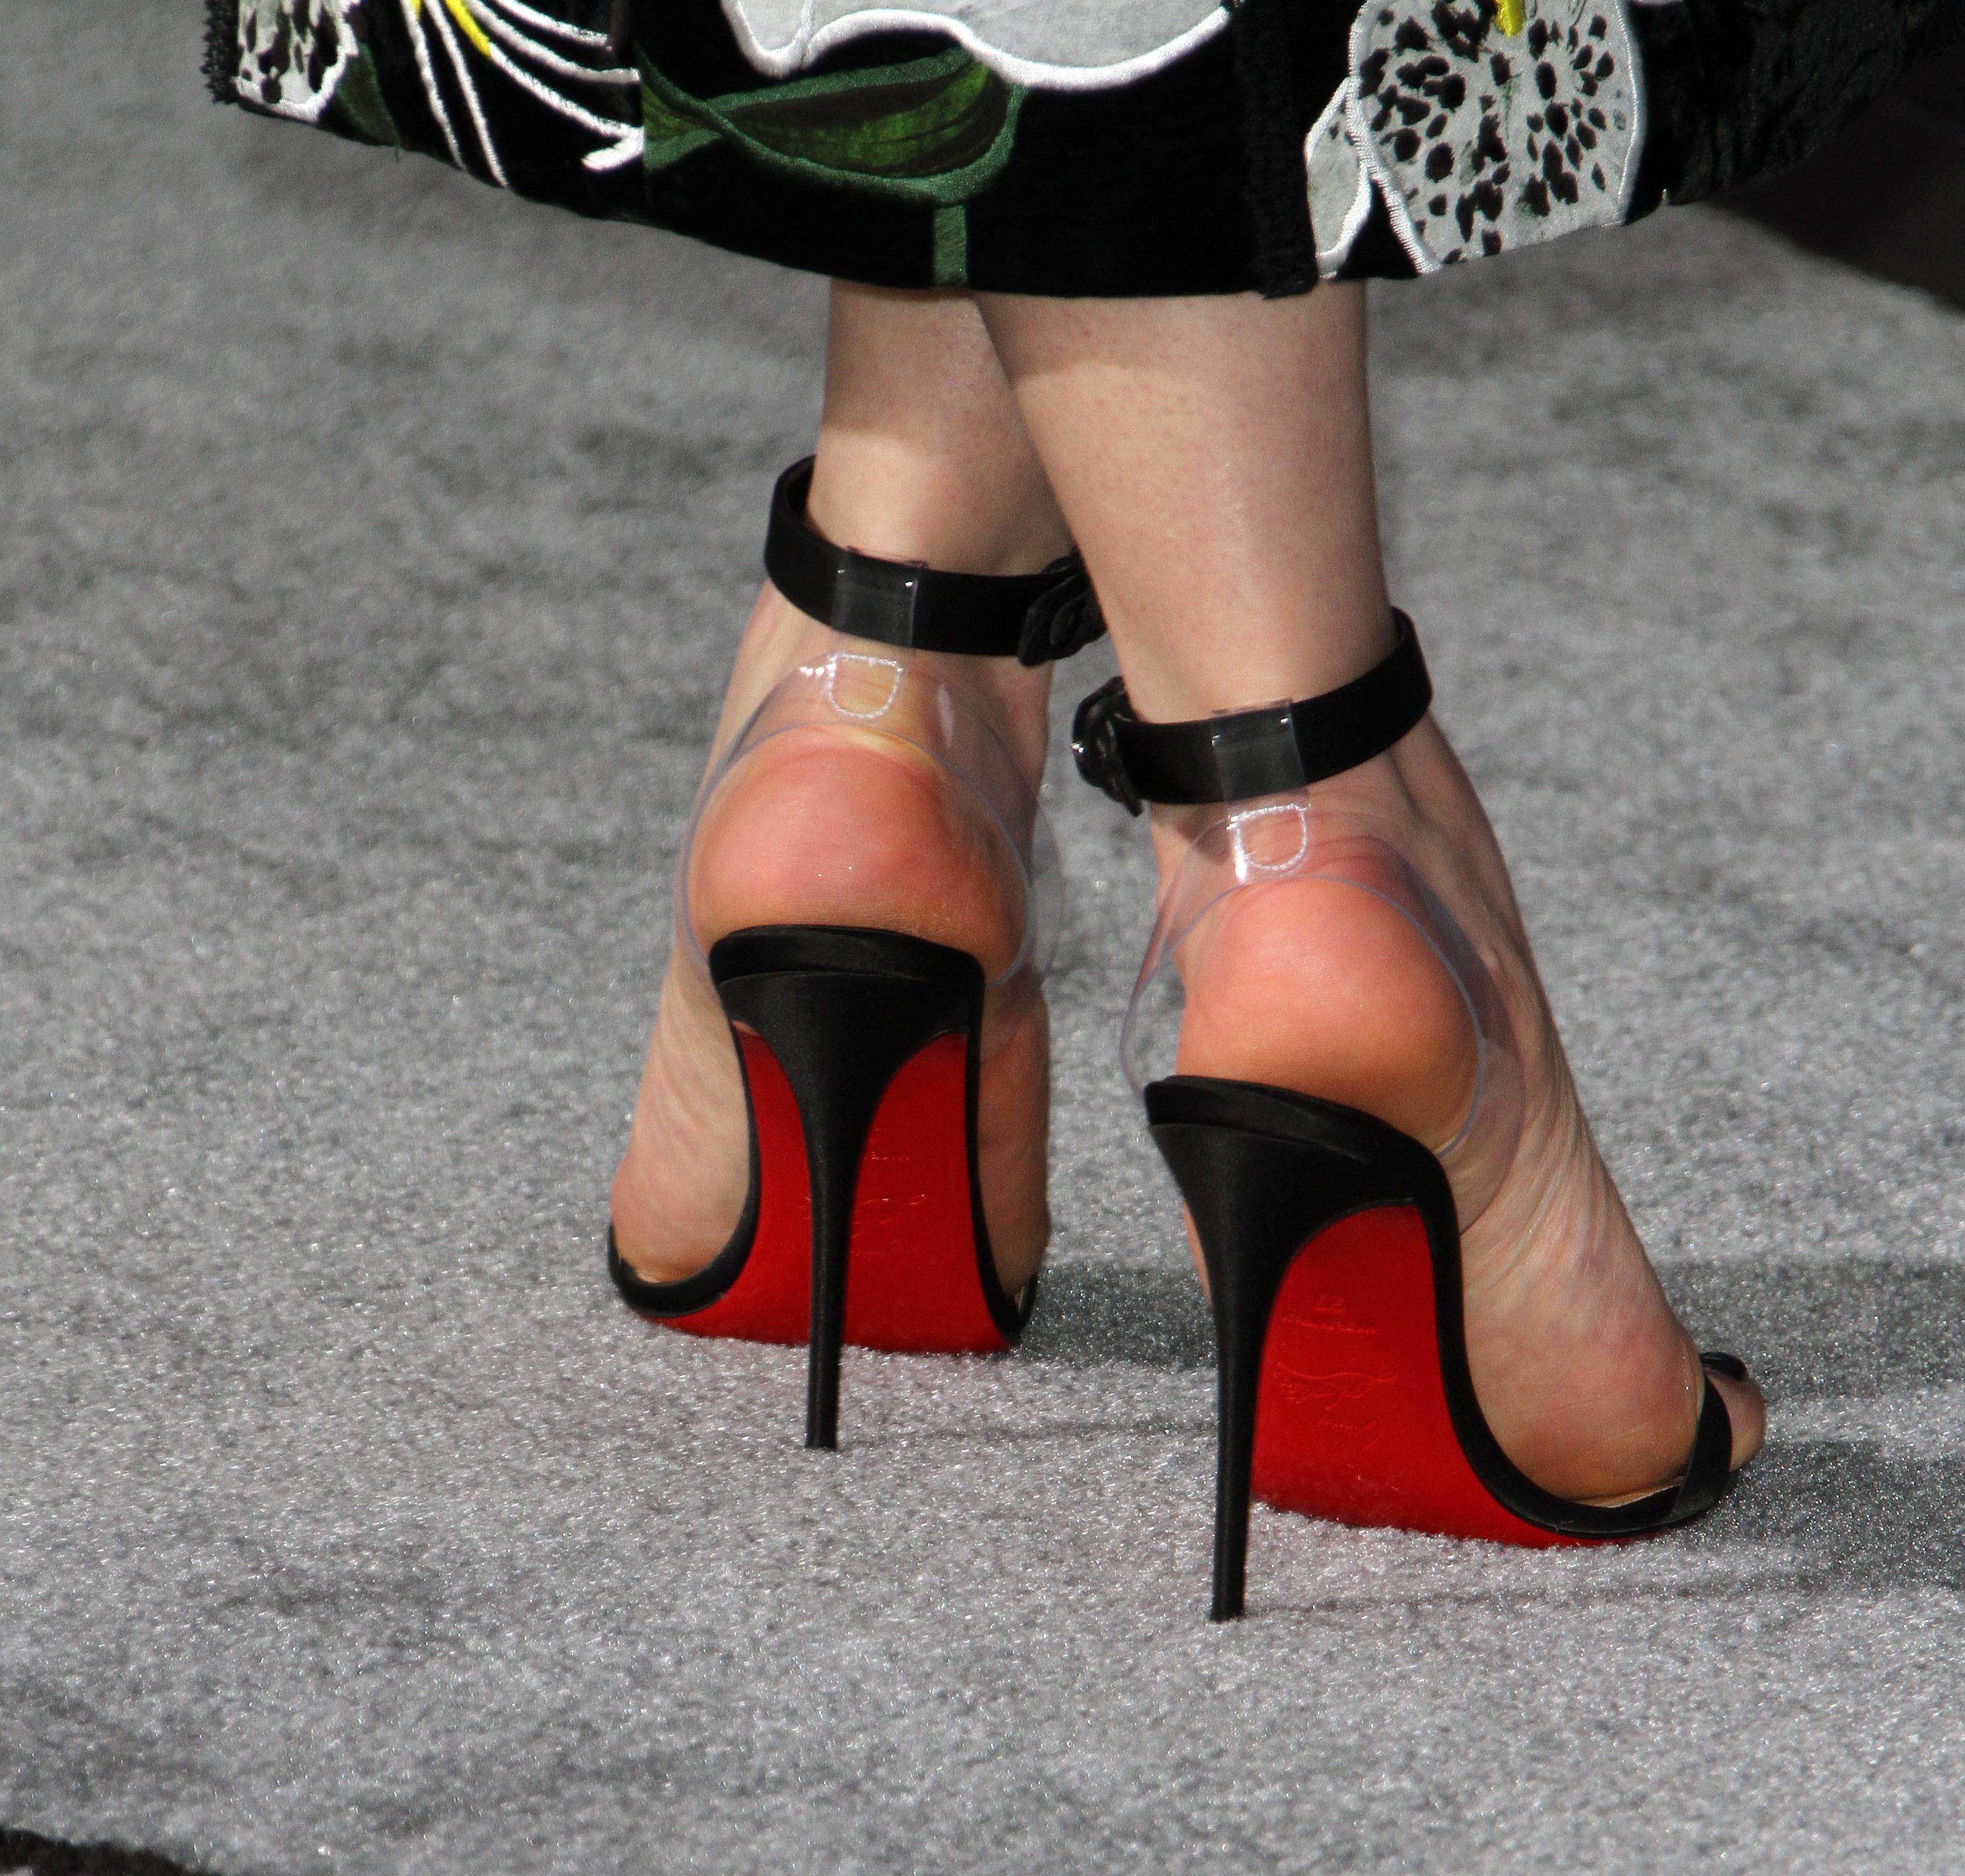 Emilia Clarkes Feet